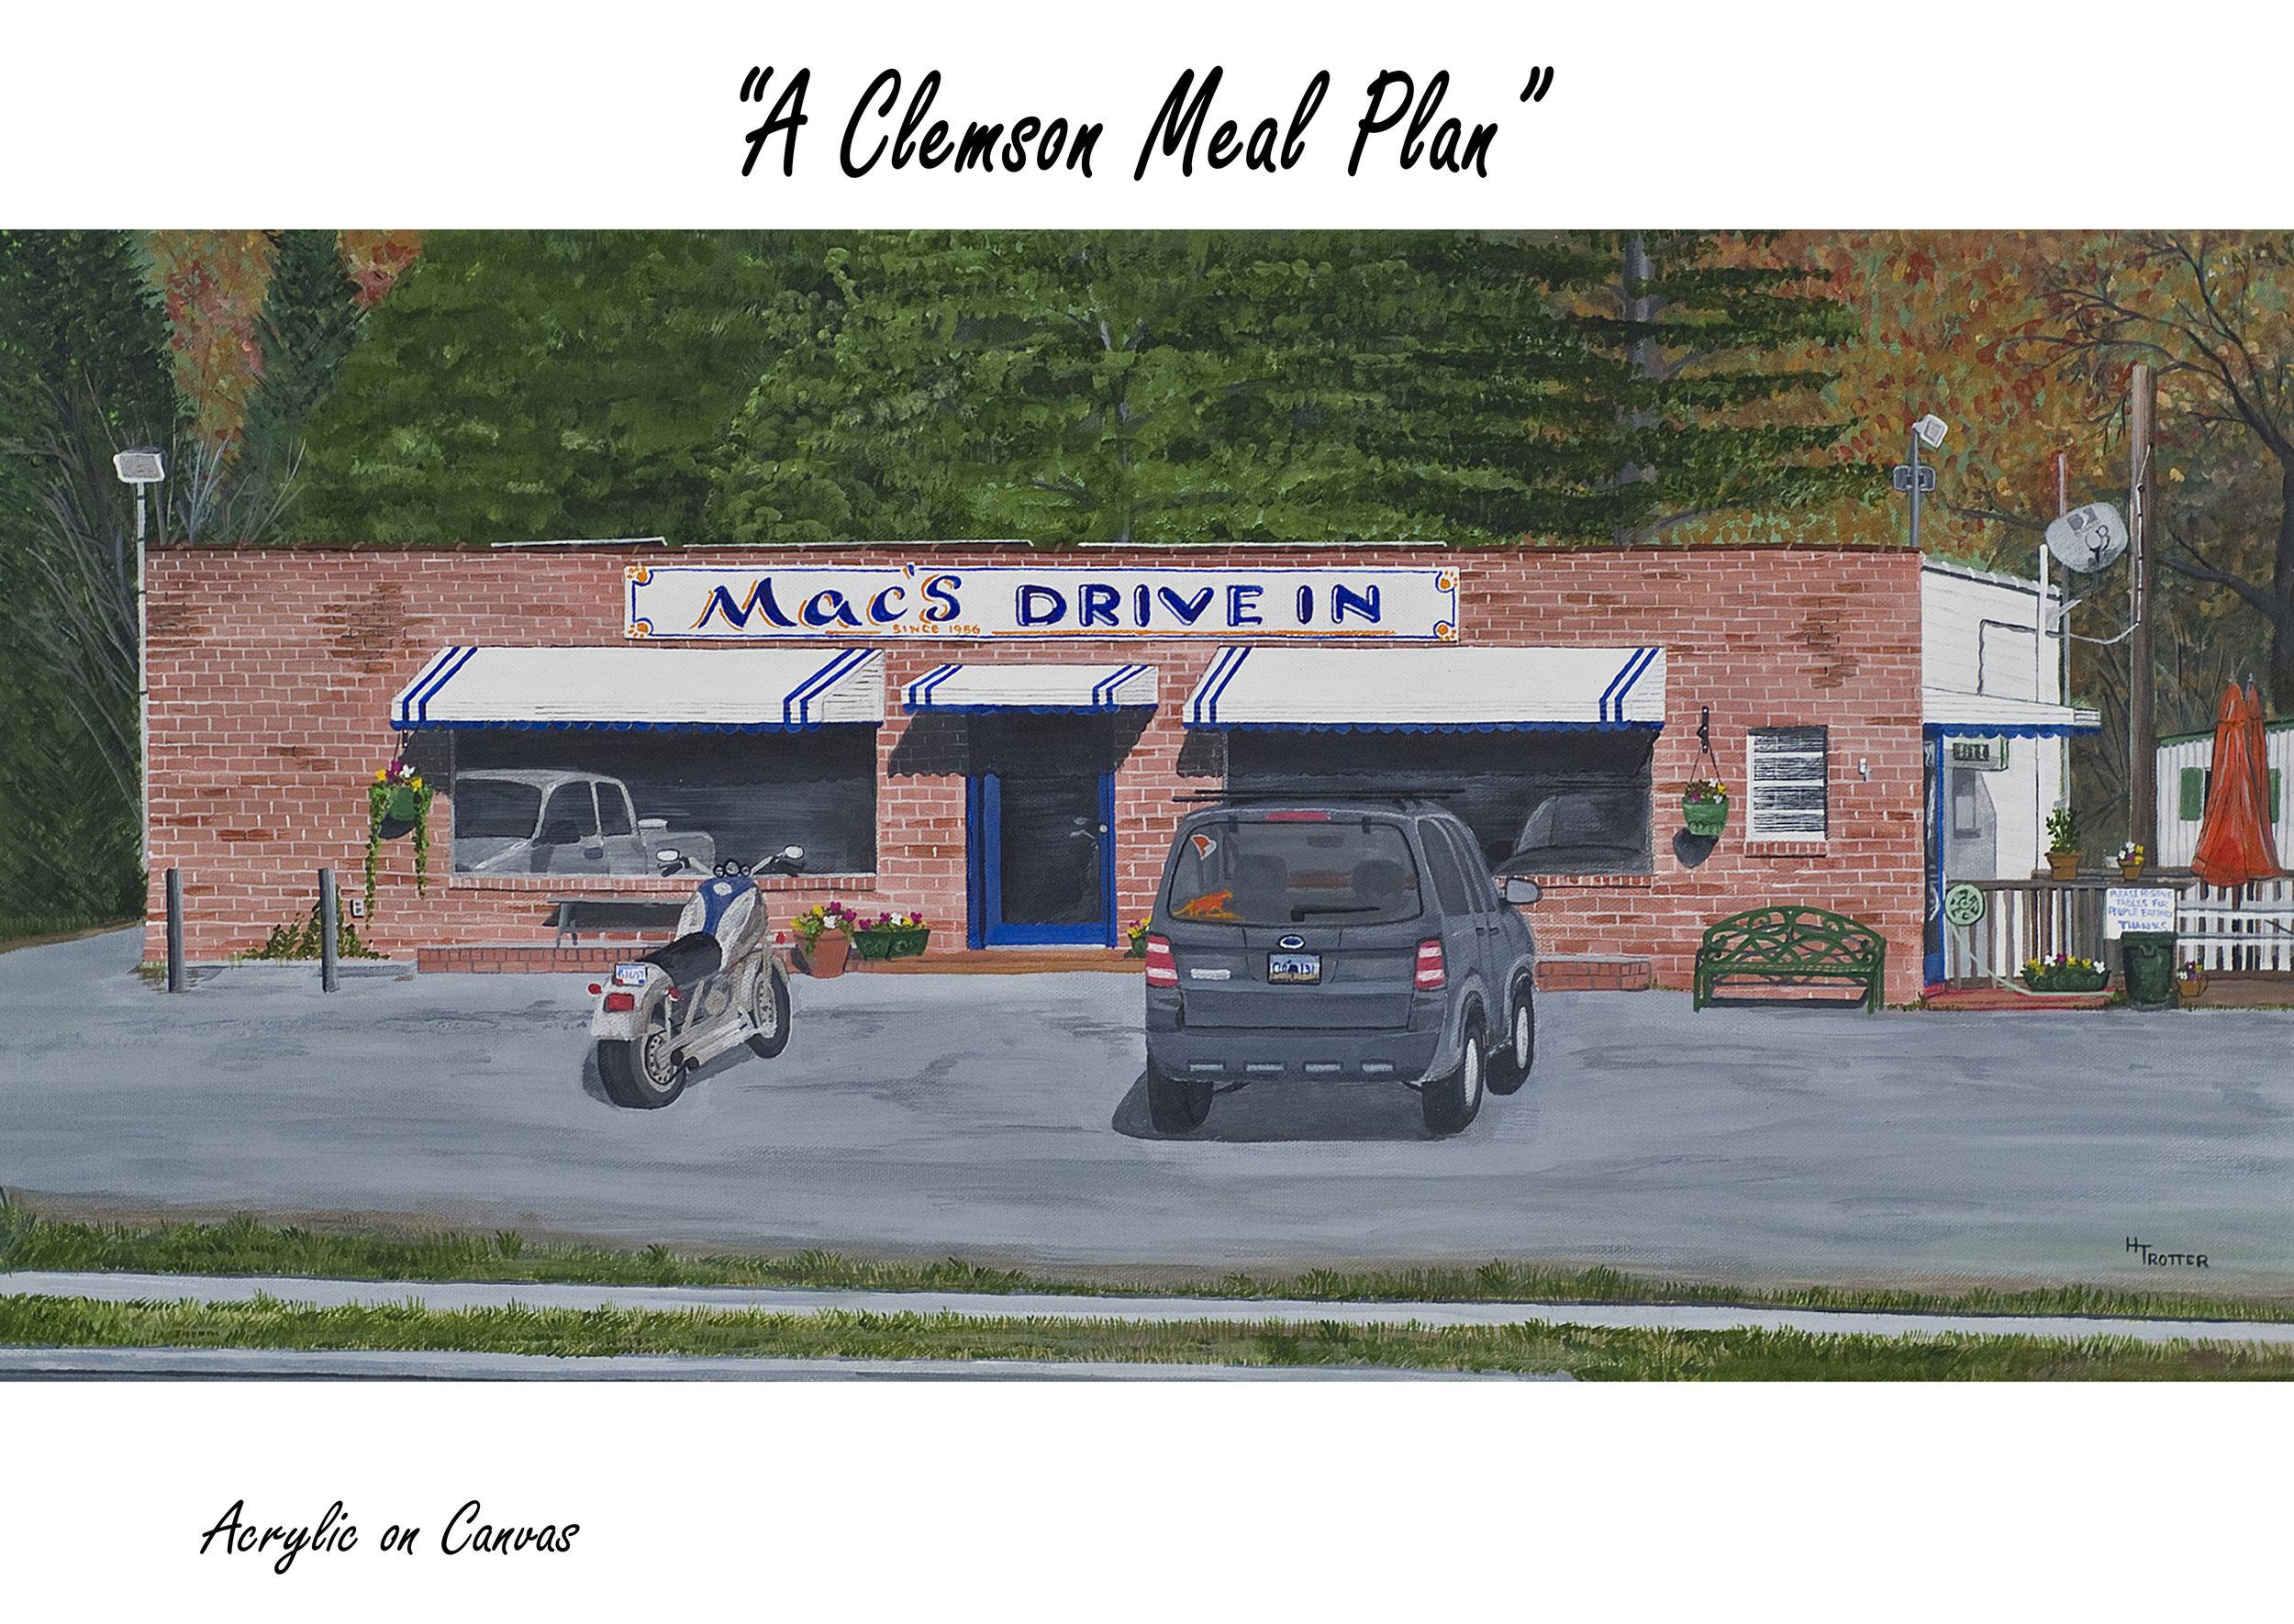 A Clemson Meal Plan.jpg